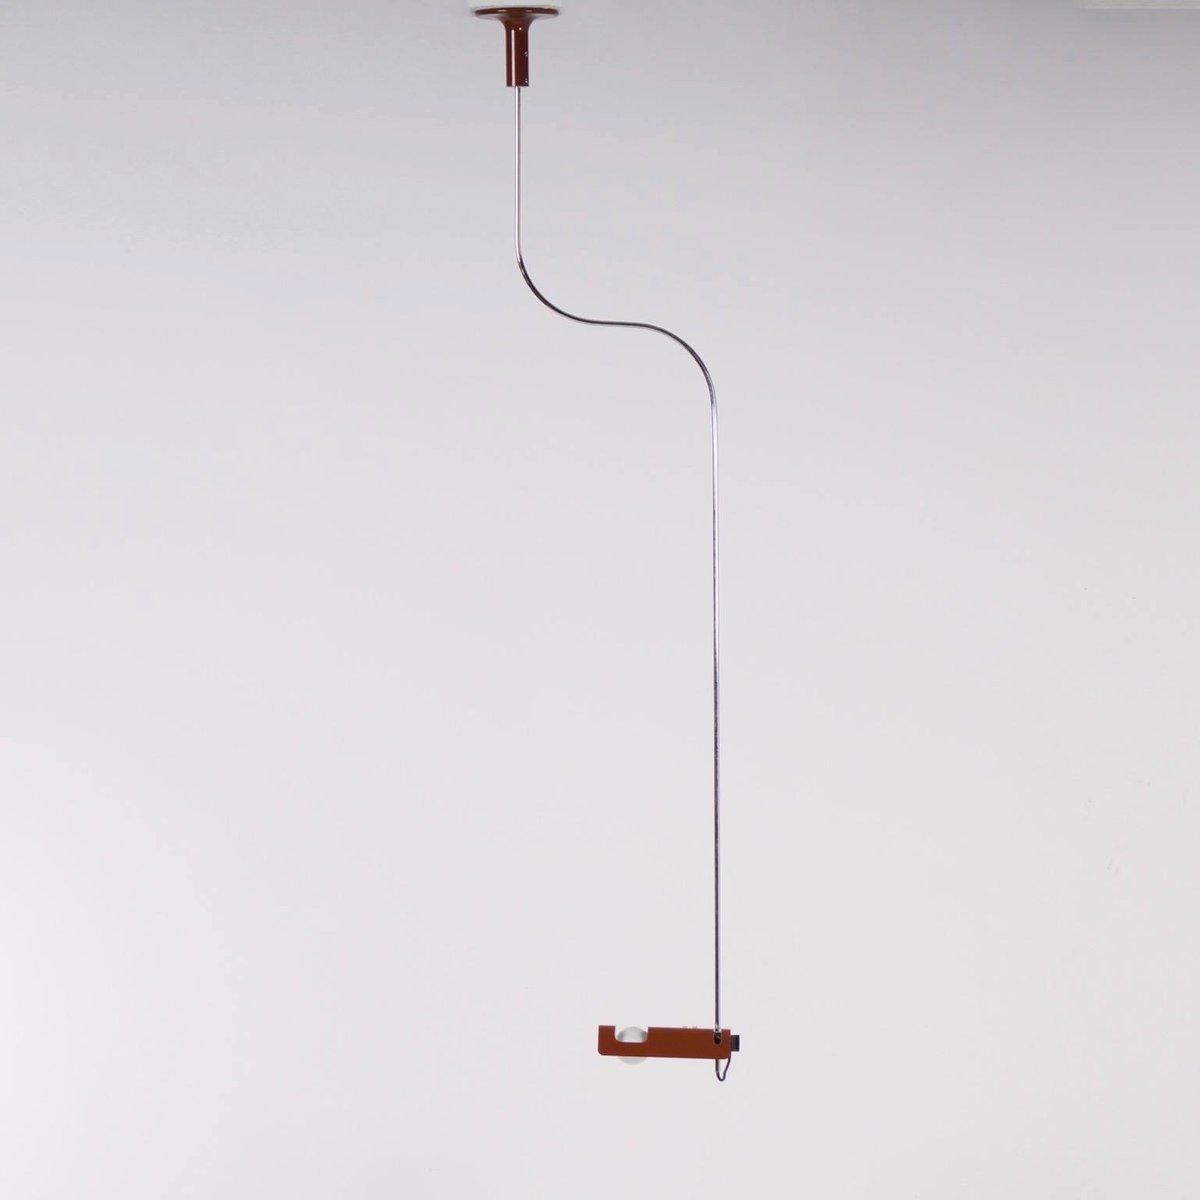 Braune Spider Lampe von Joe Colombo für Oluce, 1967